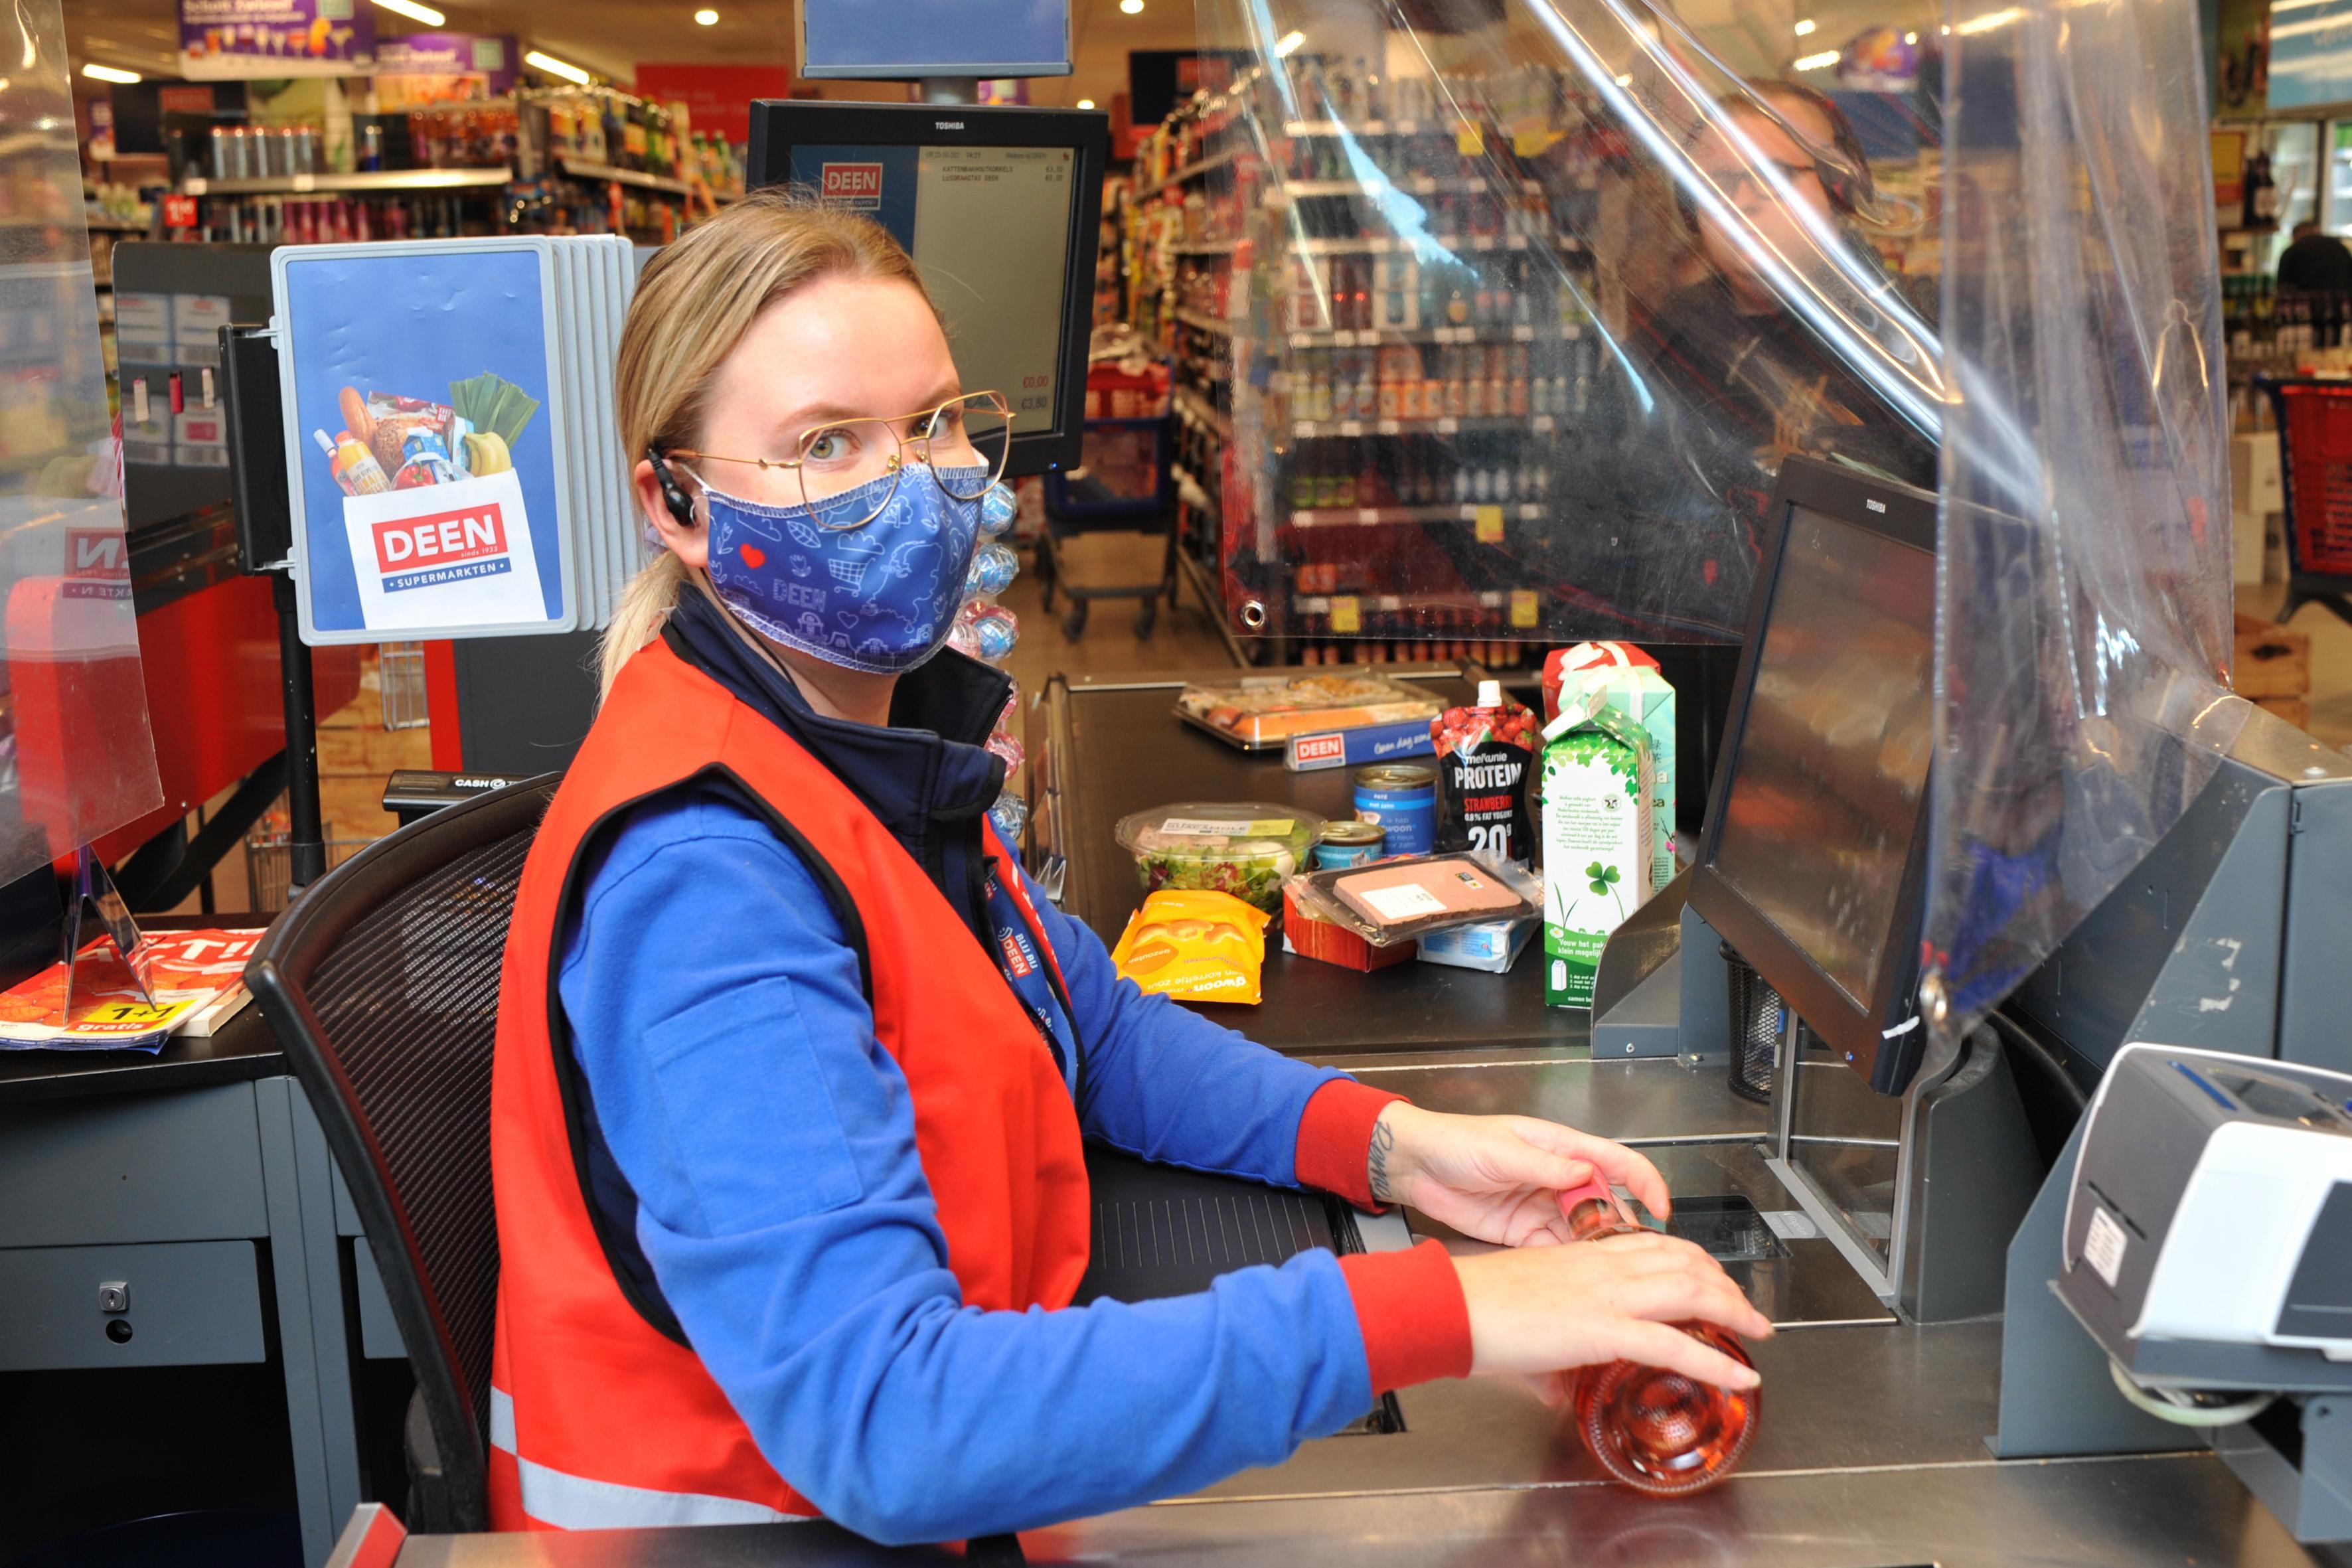 DEEN-caissière Lisa Sandhop uit Beverwijk kan het beste leeftijden raden en wint 500 euro voor haar collega's: 'Ik doe liever wat voor anderen'